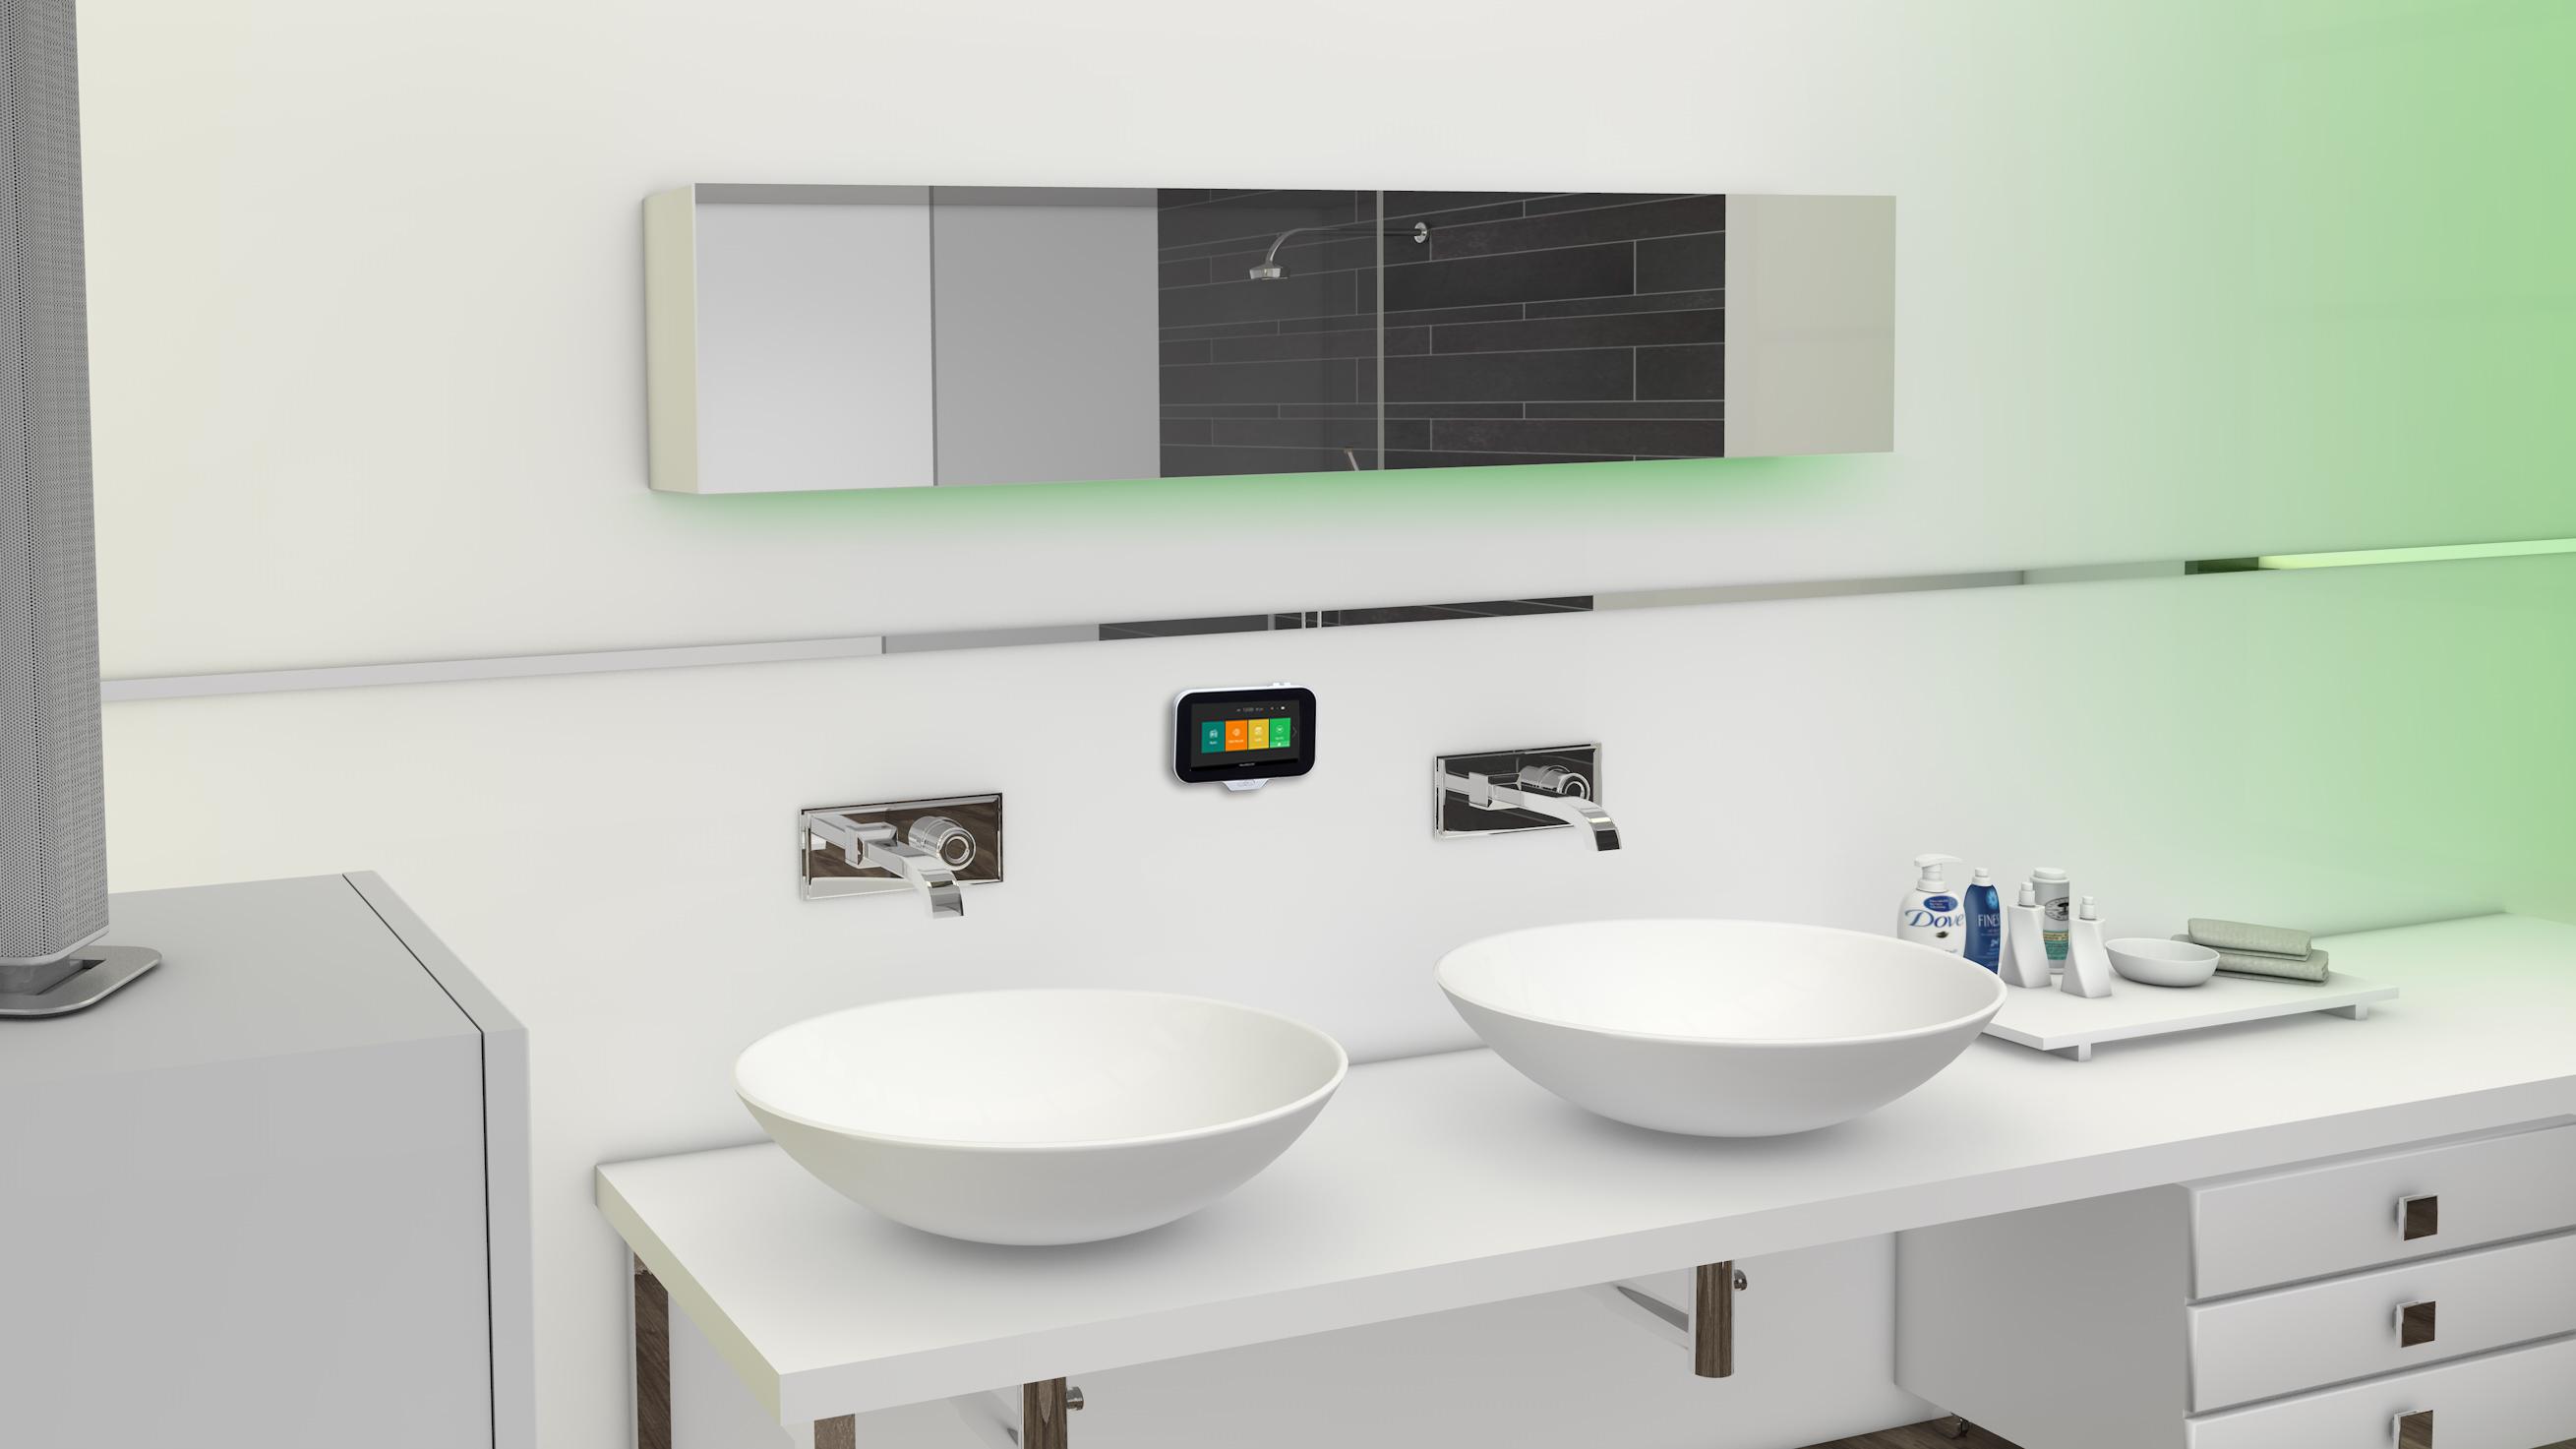 Muziek Badkamer Draadloos : Aquasound startpagina voor badkamer ideeën uw badkamer